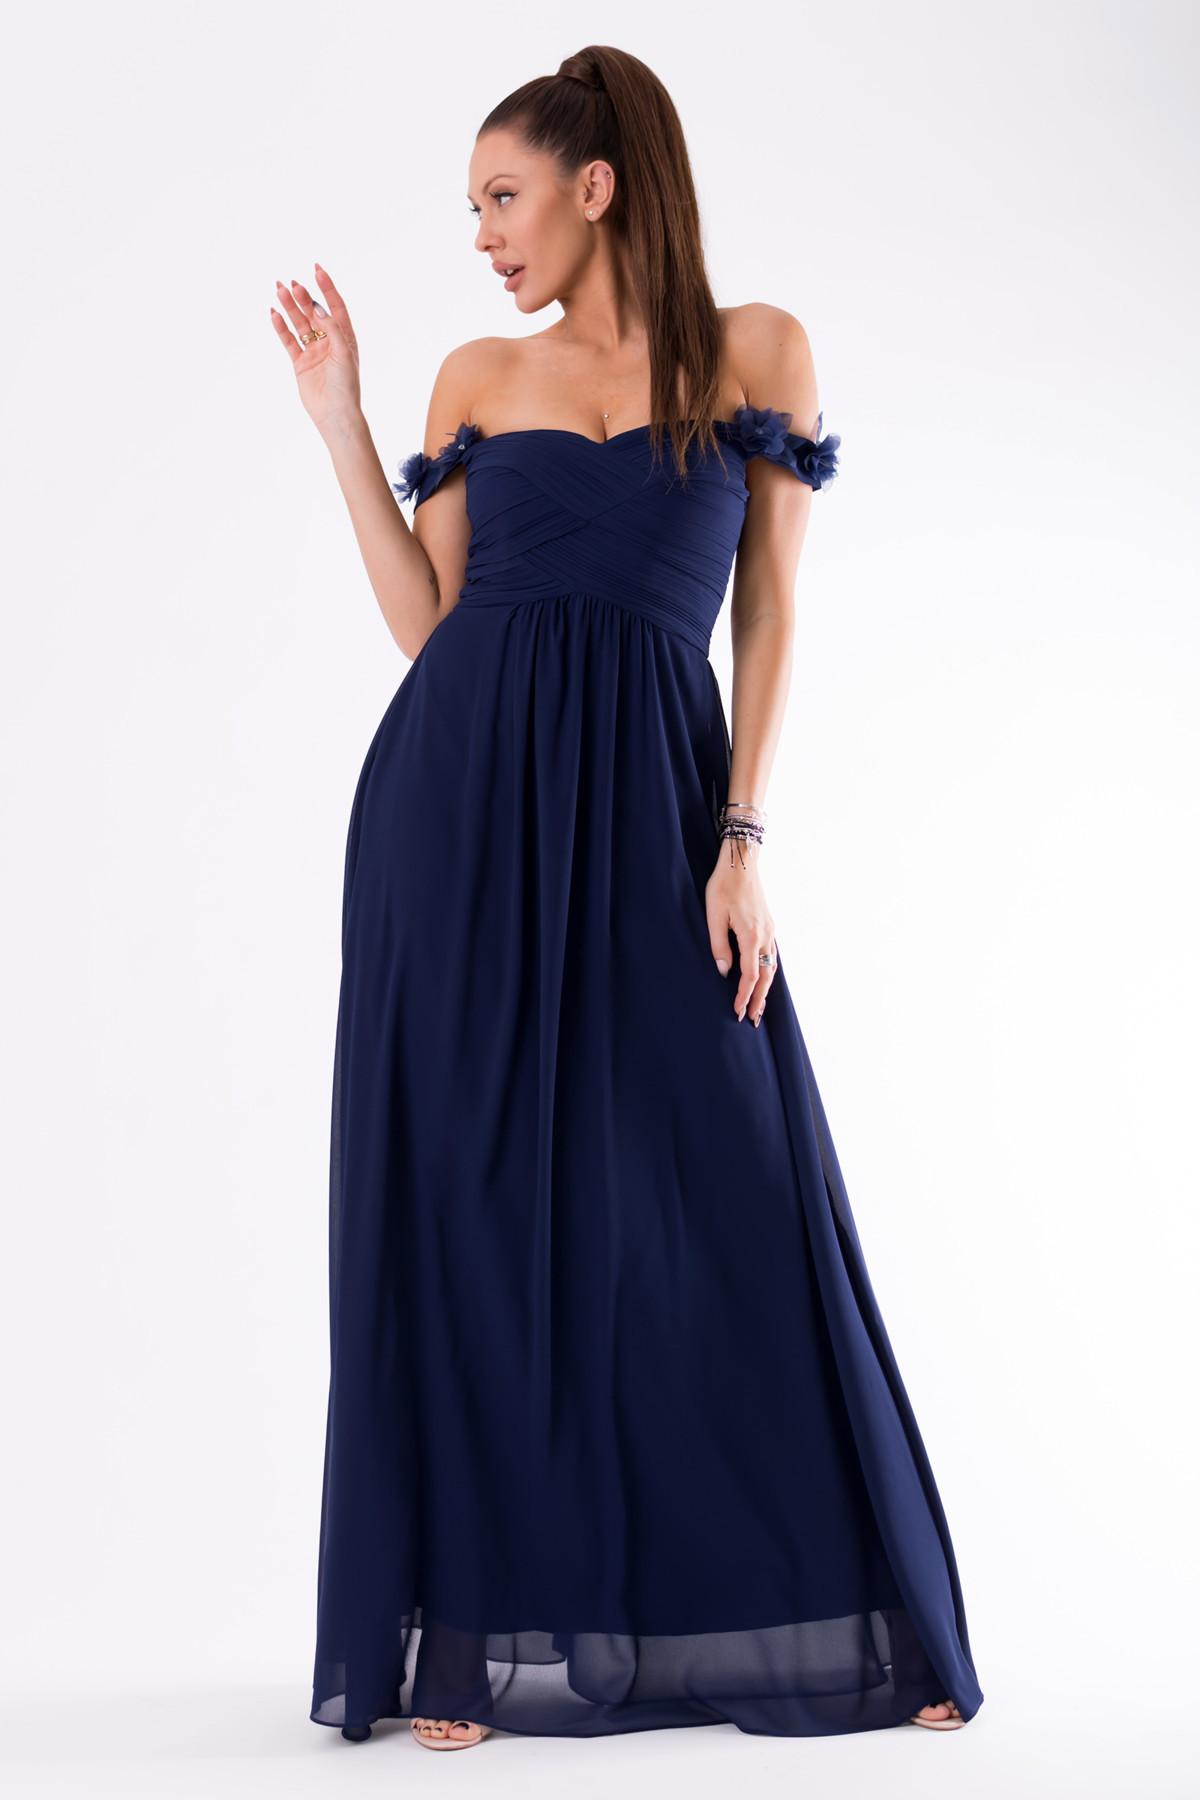 Dámské plesové šaty EVA & LOLA se spadlými rukávky dlouhé - Tmavě modré L